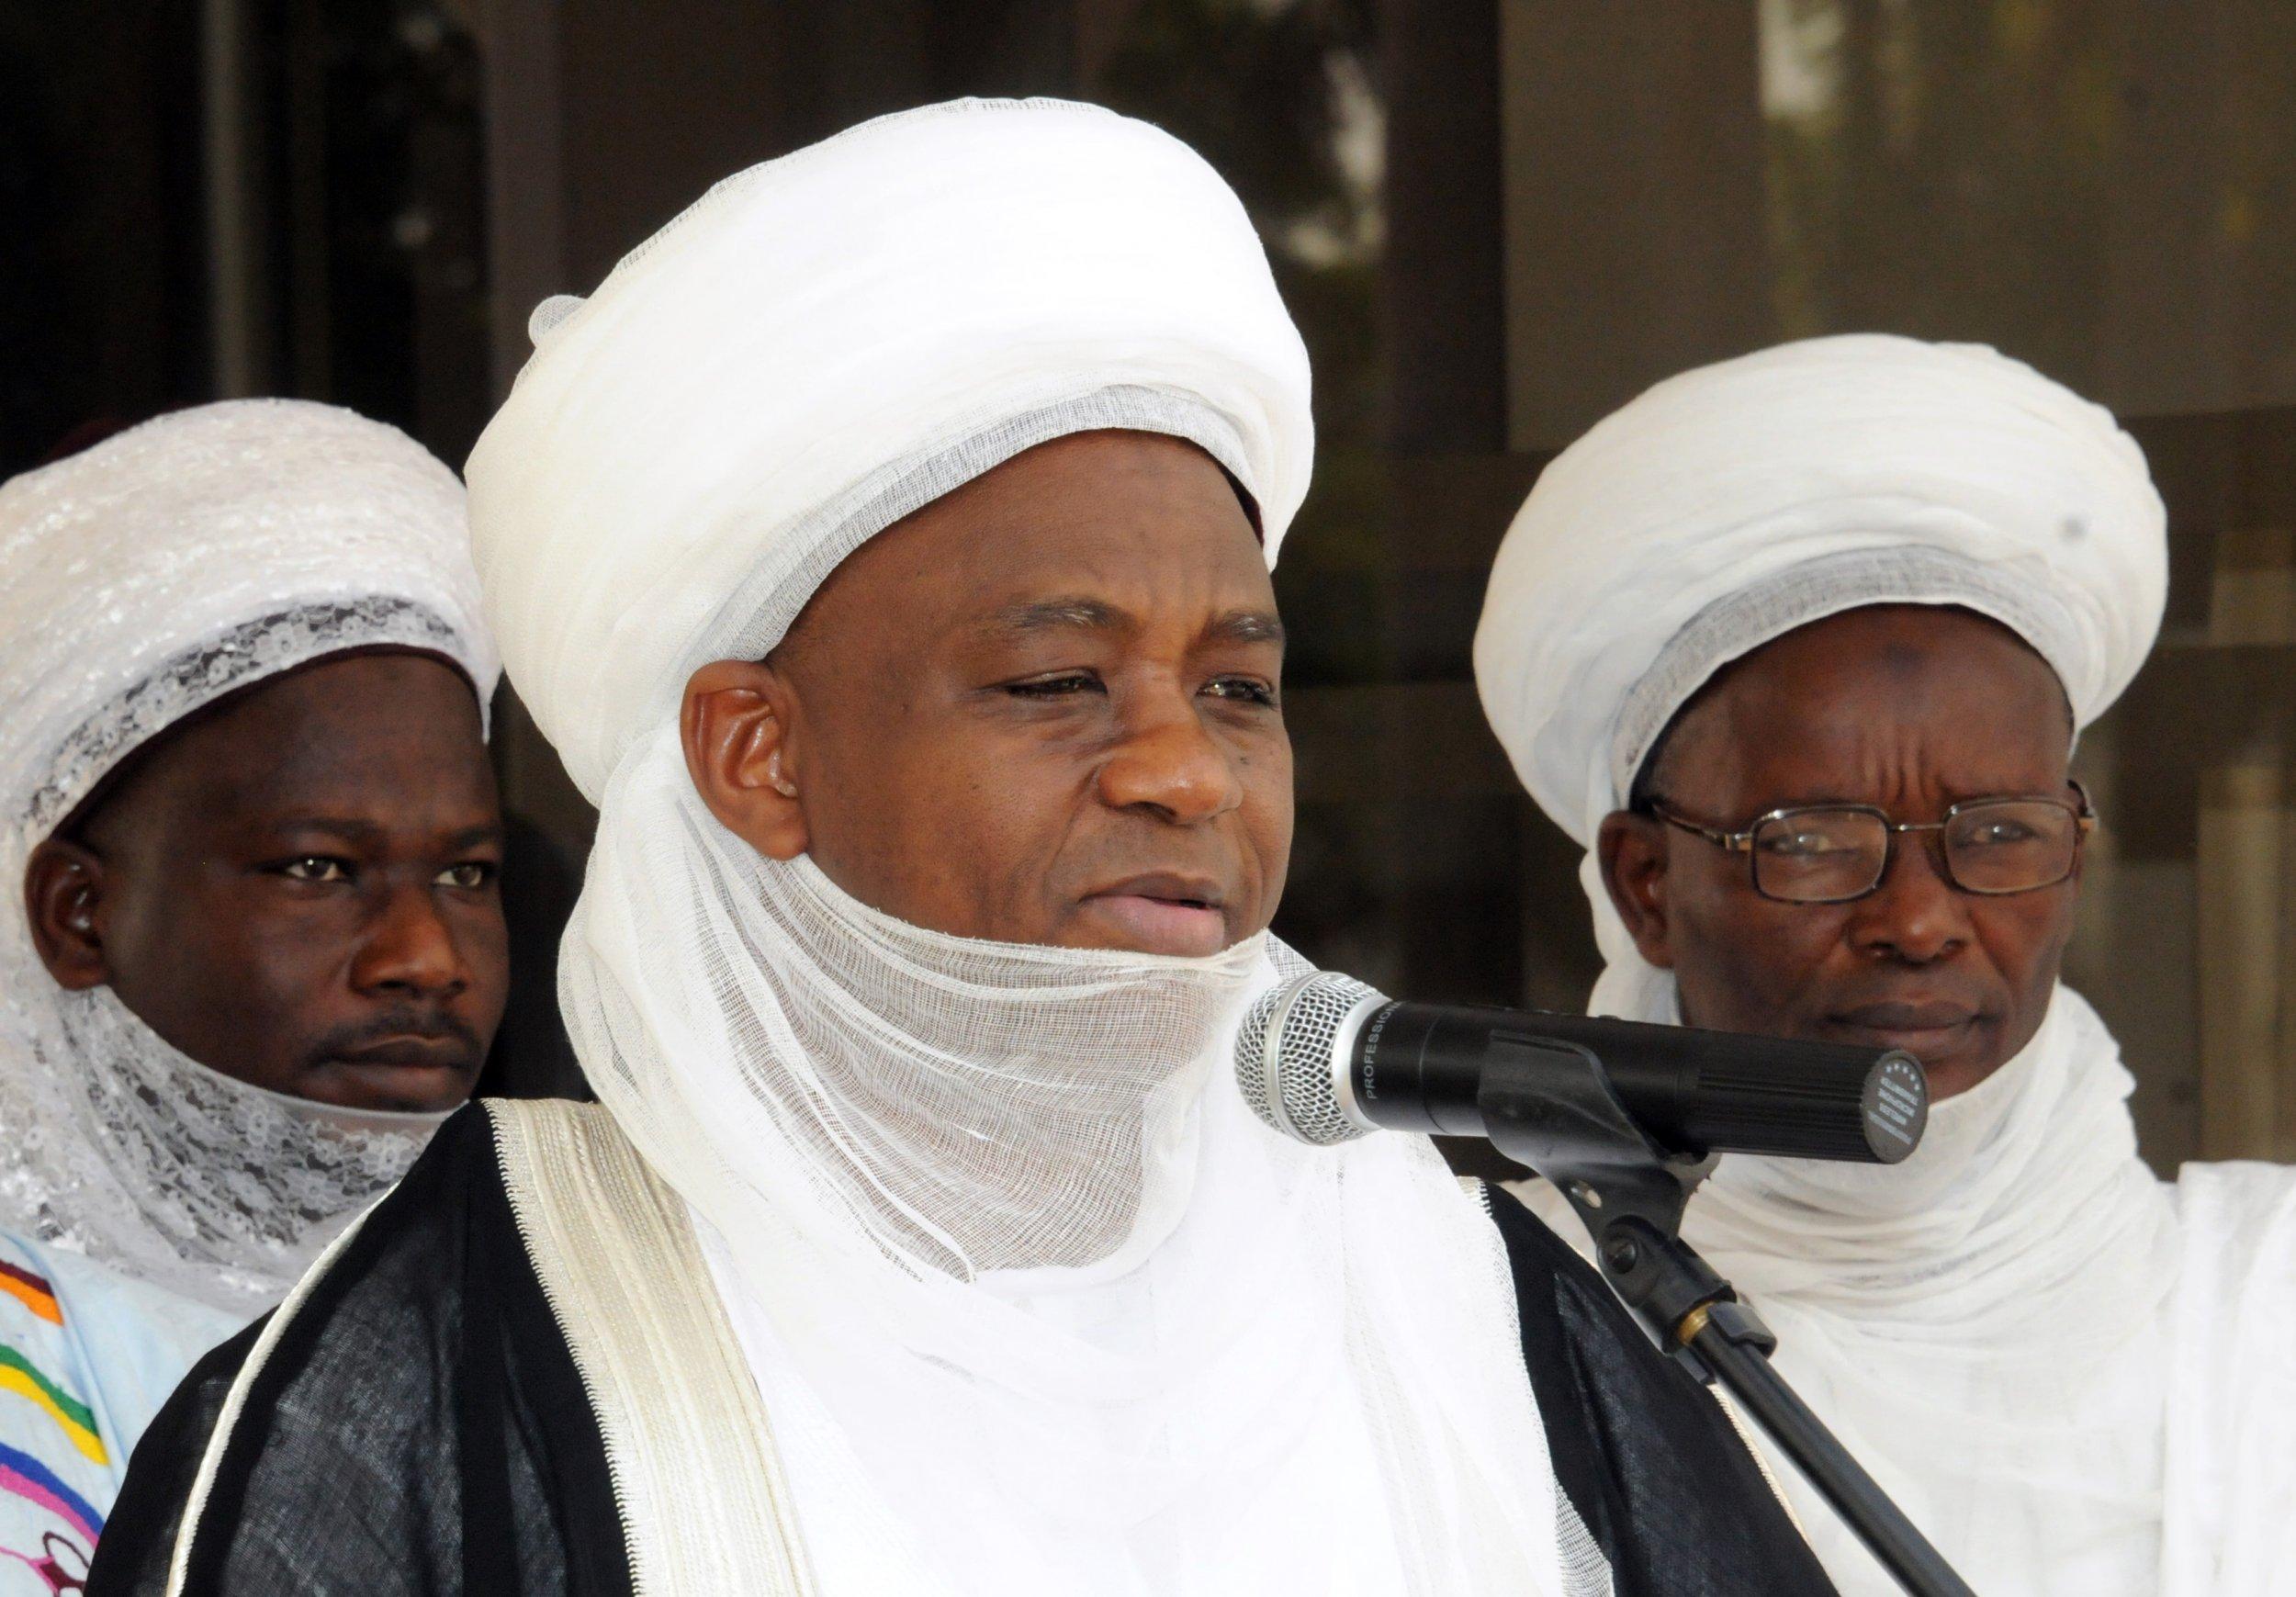 Sultan of Sokoto Muhammadu Sa'ad Abubakar III